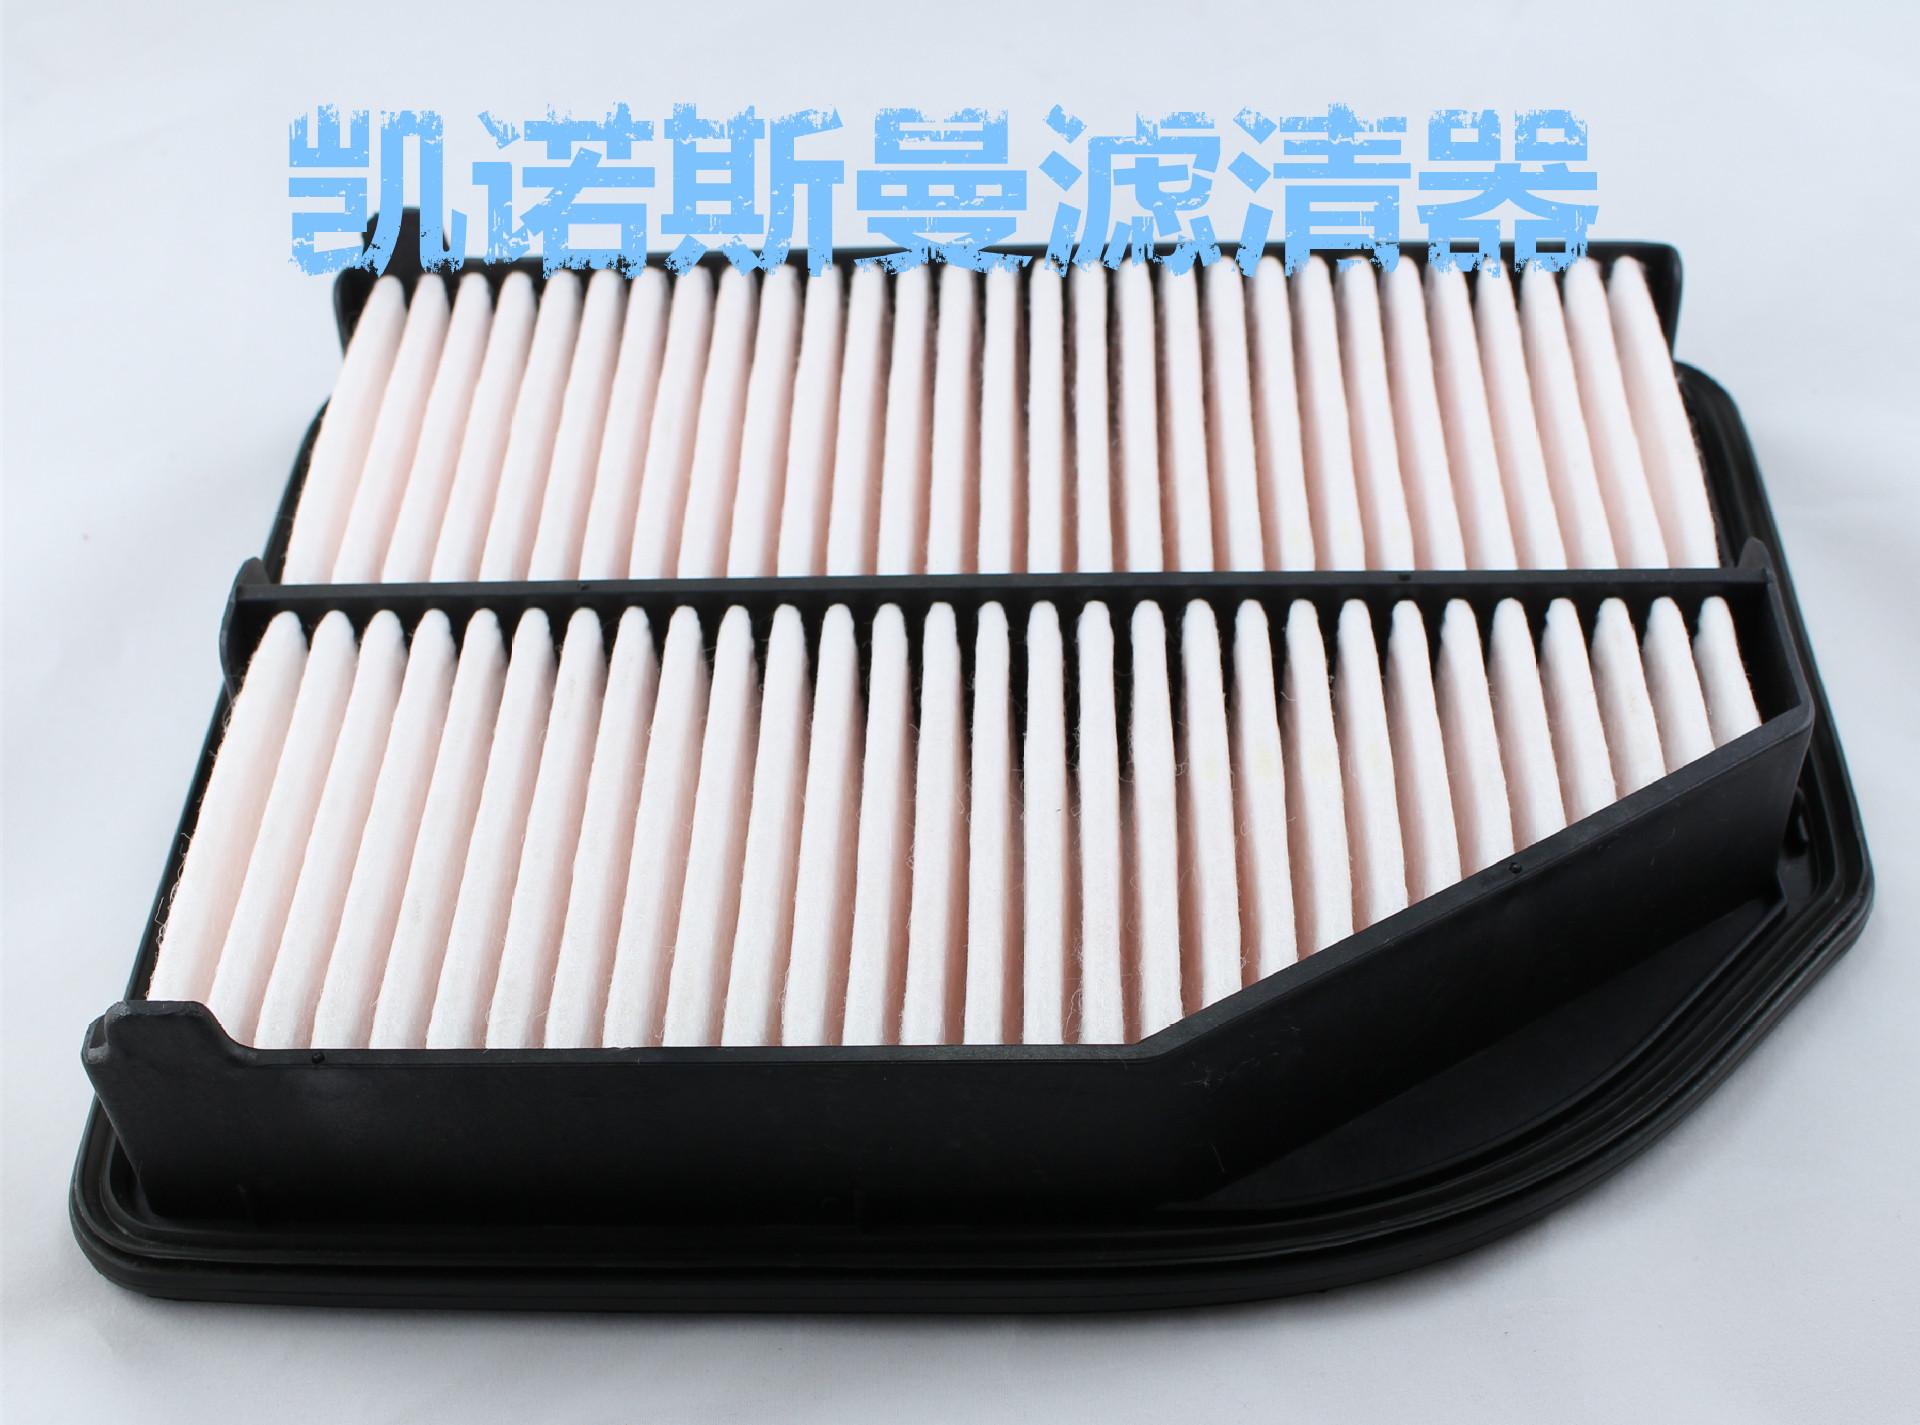 Air Filters 17220-R5A-A01 17220-R5A-A00 SAKURA FRAM HENGST FILTER MAHLE/KNECHT MANN-FILTER(China (Mainland))